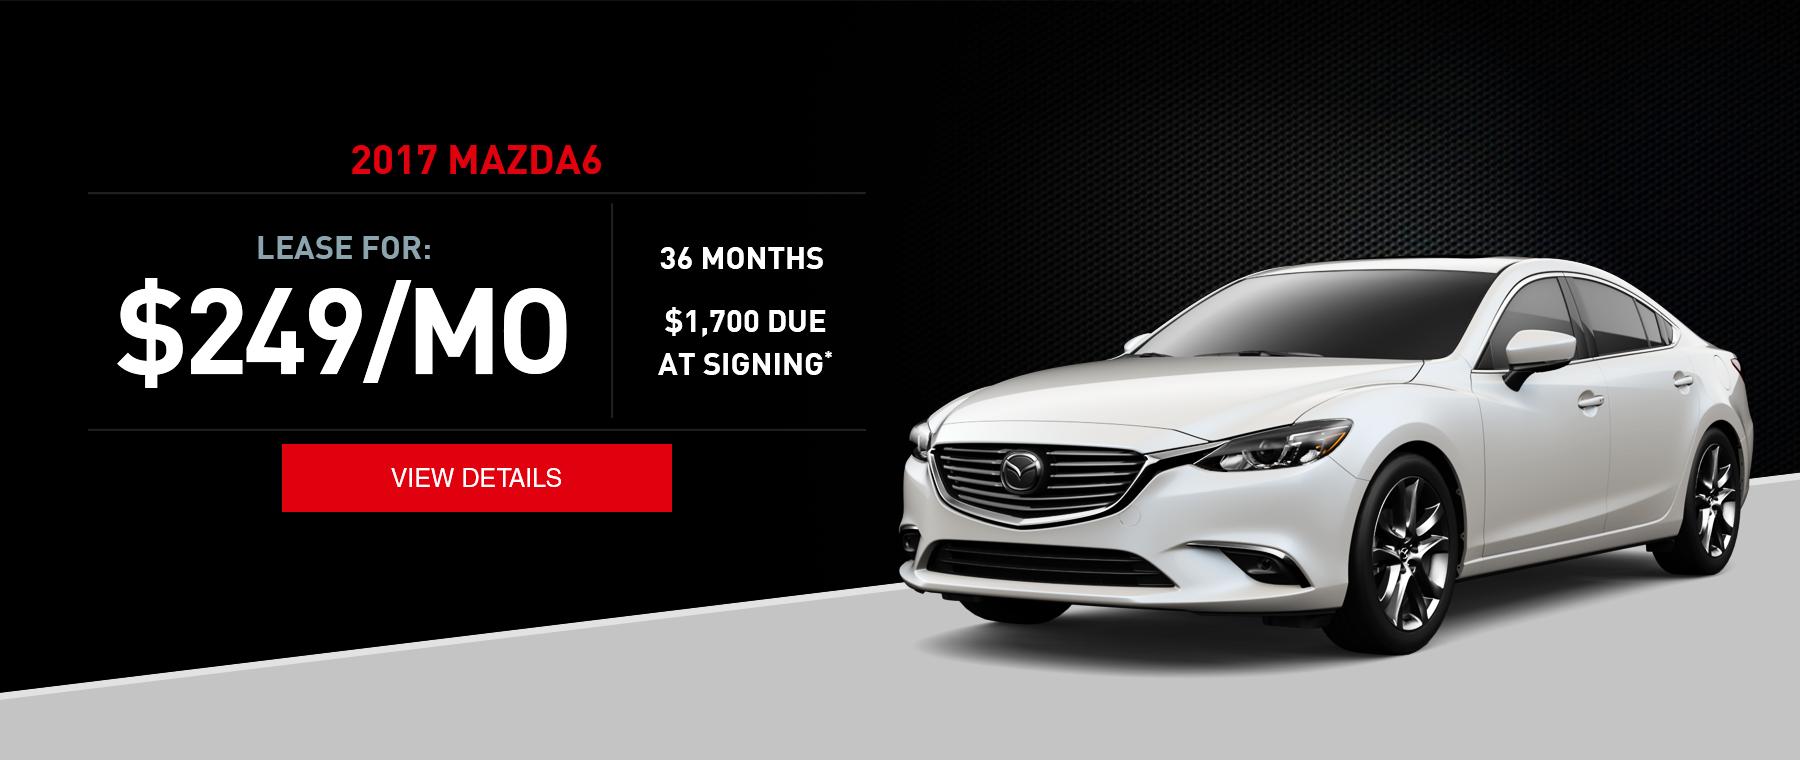 West Hills Mazda6 Lease Offer